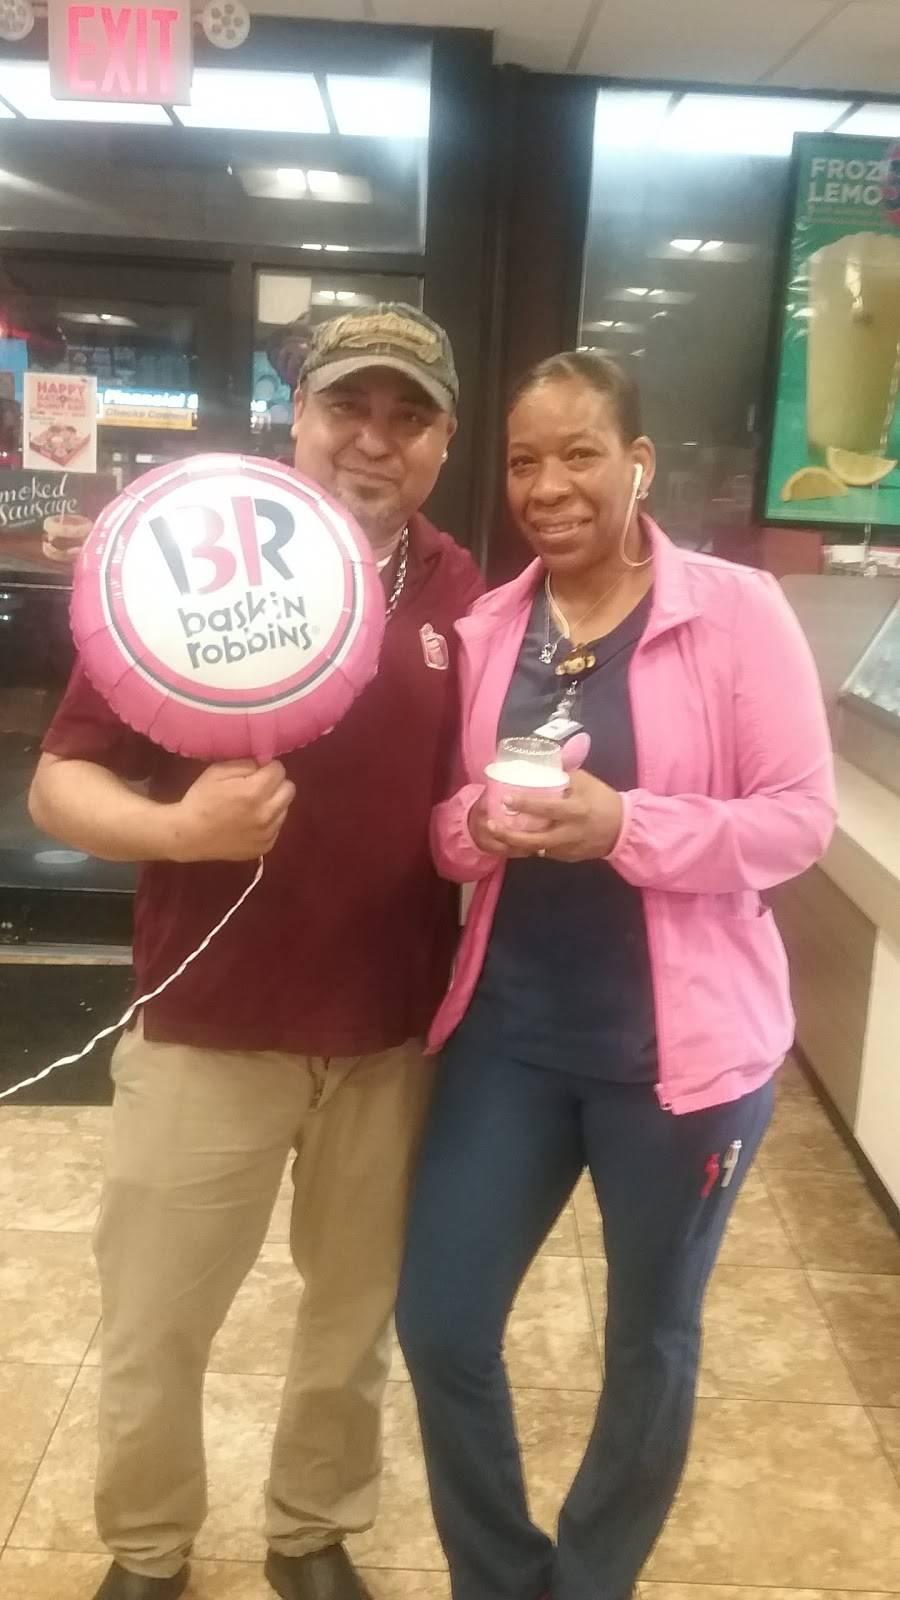 Dunkin Donuts | cafe | 274 E 149th St, Bronx, NY 10451, USA | 7182921478 OR +1 718-292-1478